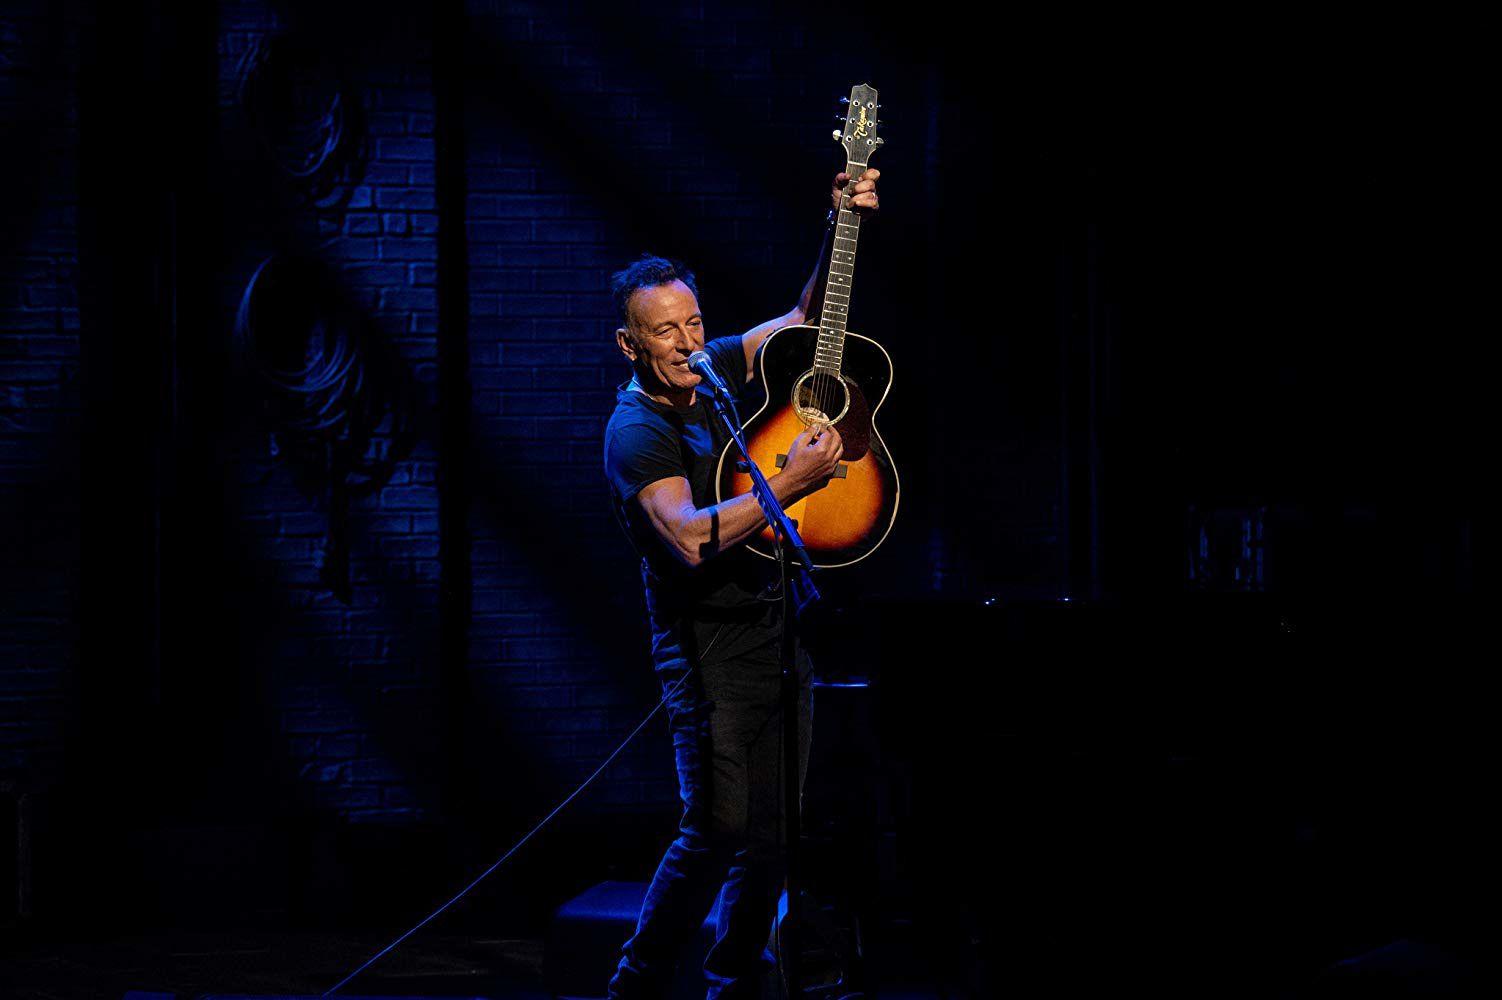 Springsteen on Broadway (BANDE-ANNONCE) avec Bruce Springsteen - Le 16 décembre 2018 sur Netflix